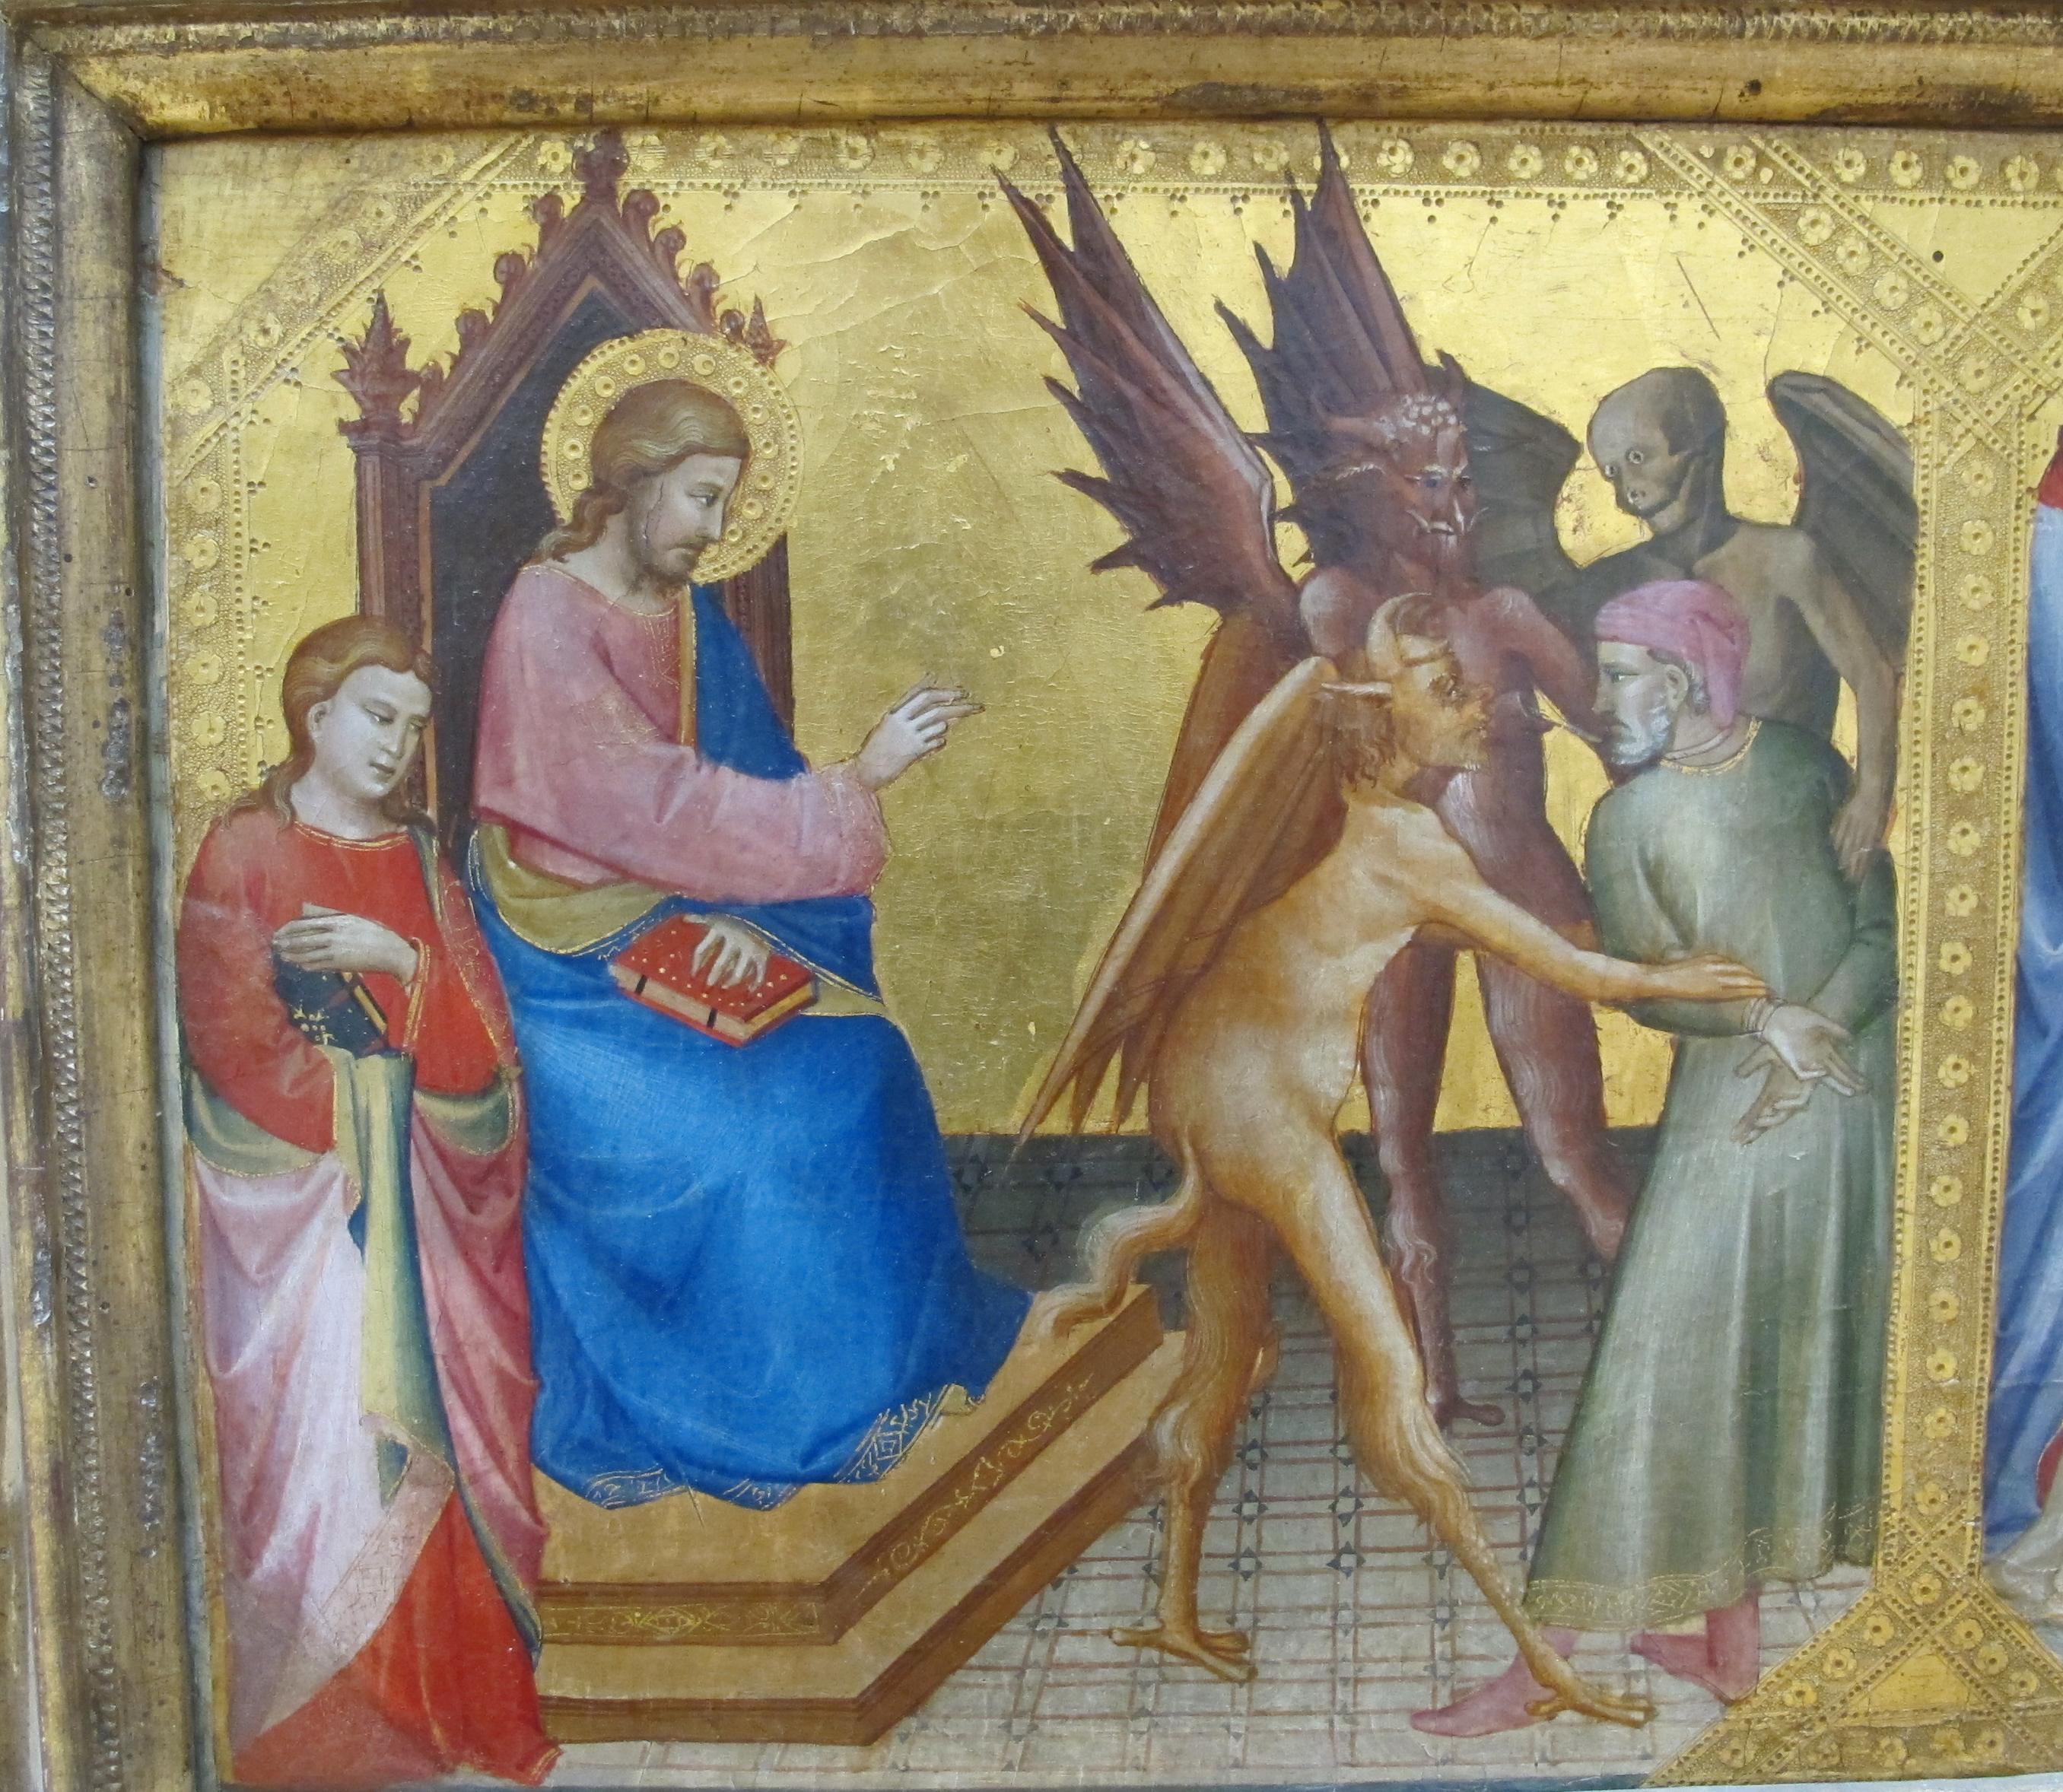 File:Lorenzo monaco, predella con banchetto di erode, crocifiss. e storie di